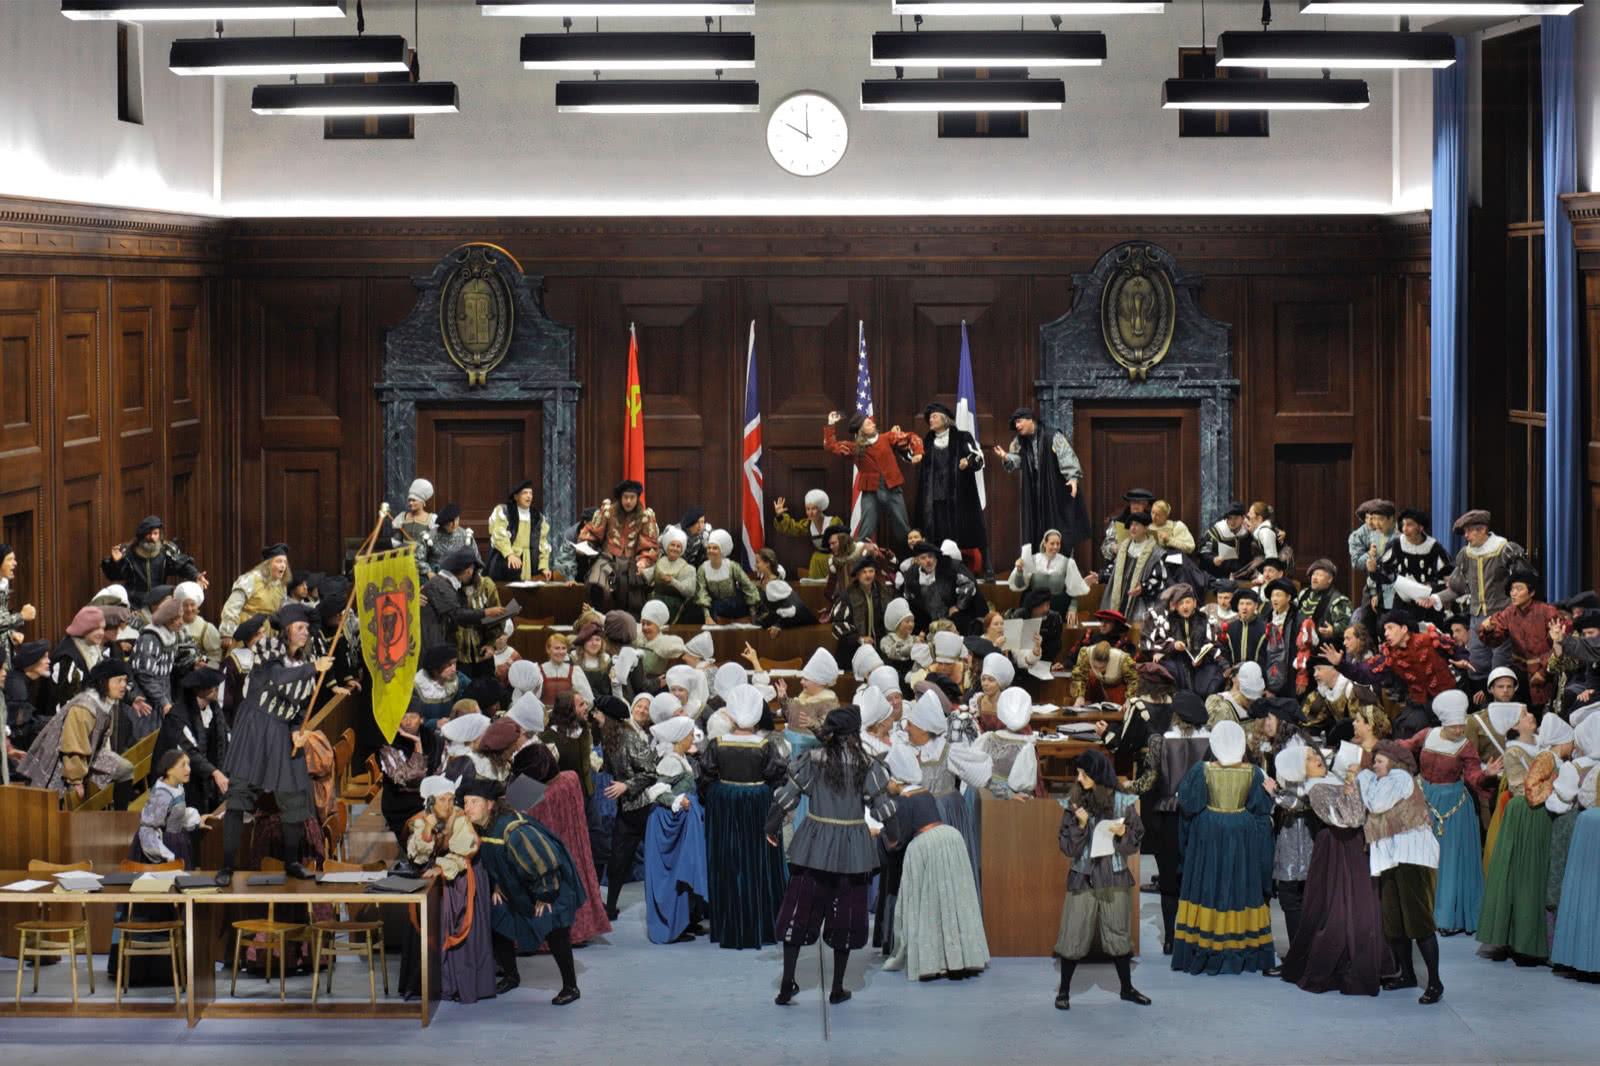 Die Meistersinger von Nürnberg - Bayreuther Festspiele